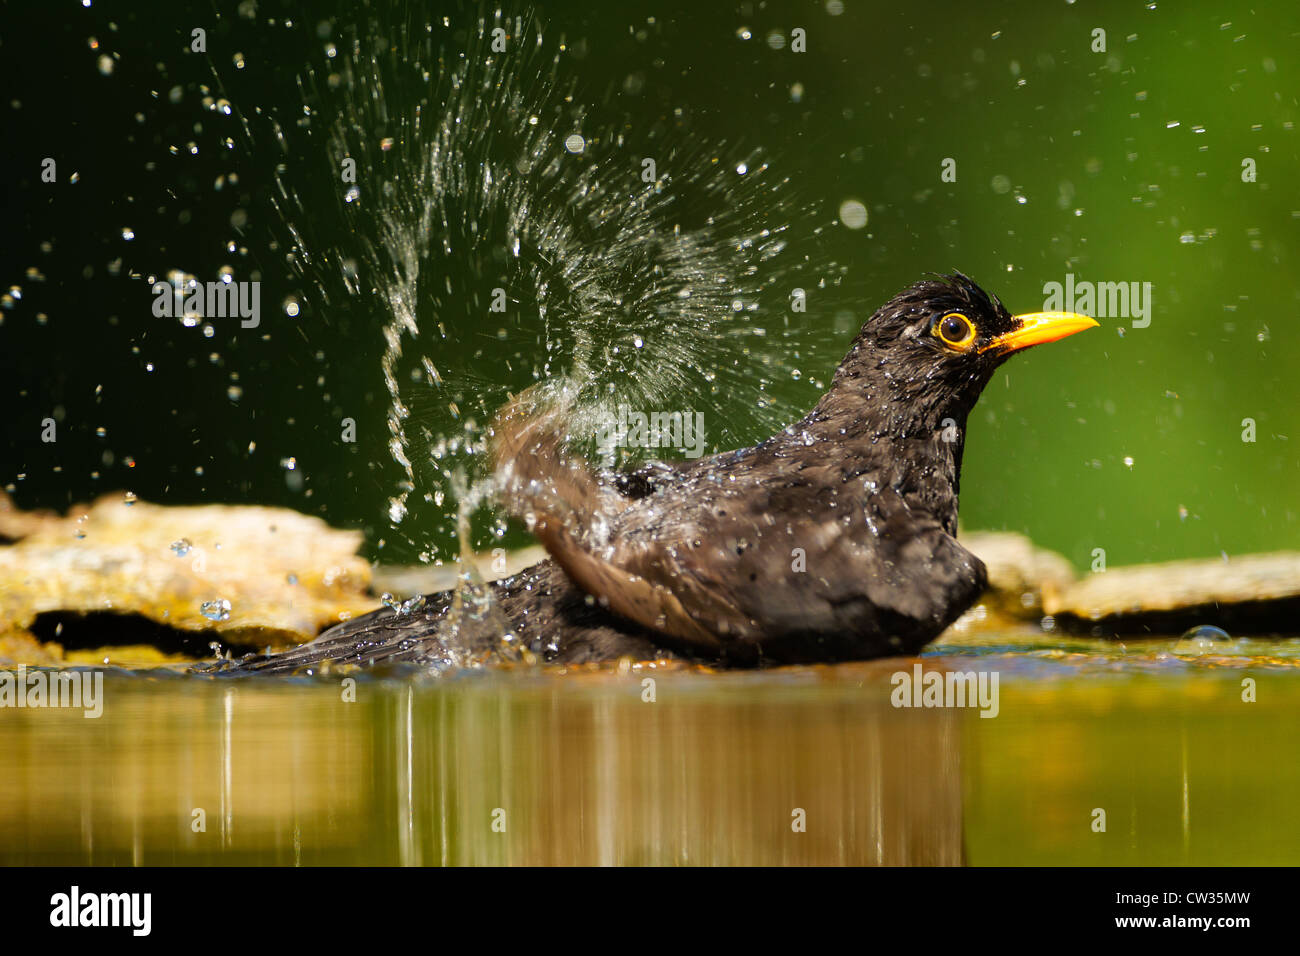 Merlo comune(Turdus merula) la balneazione.fame Foto Stock